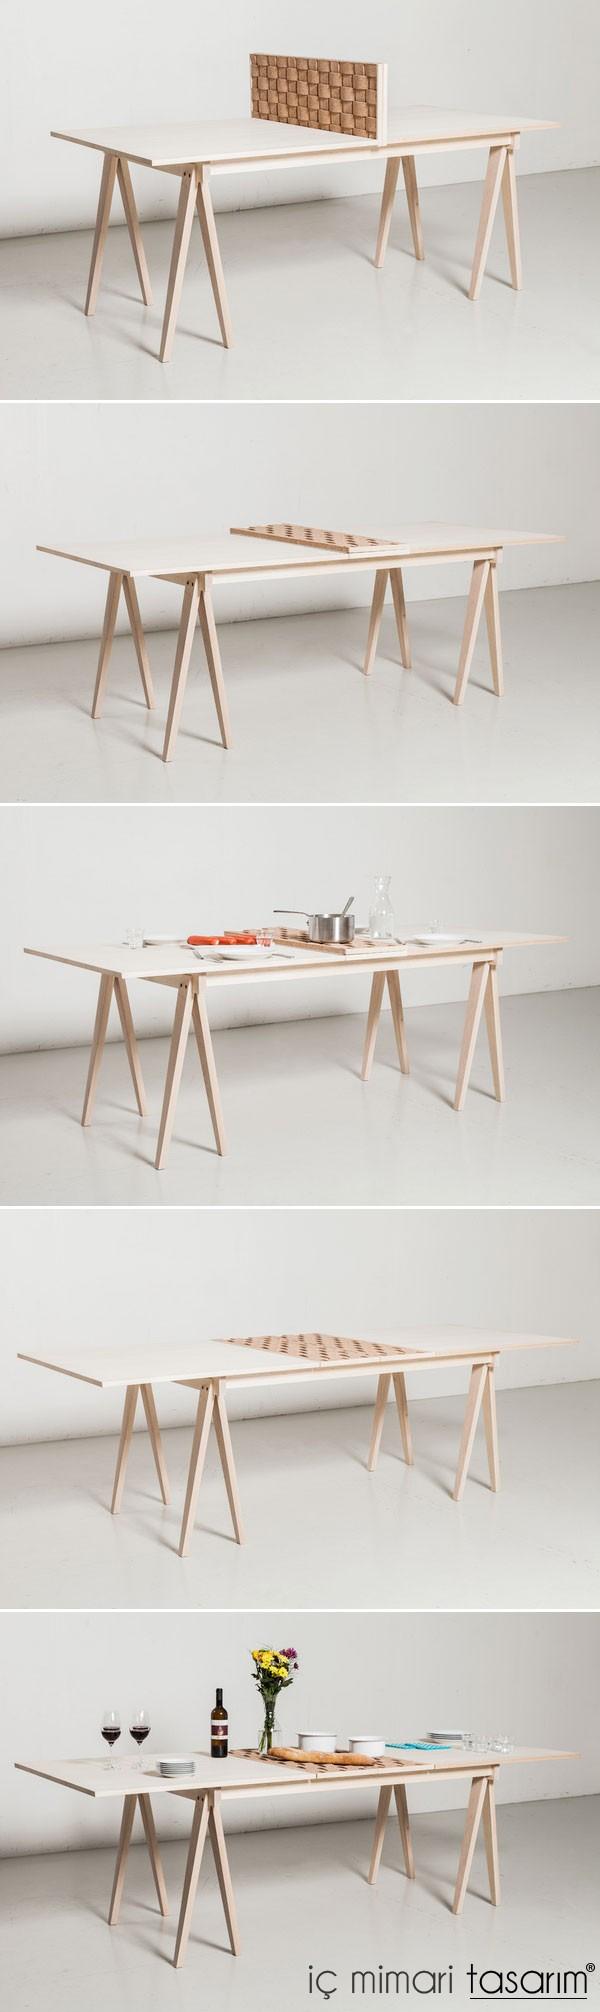 muhteşem-açılır-kapanır-masa-tasarımları (3)